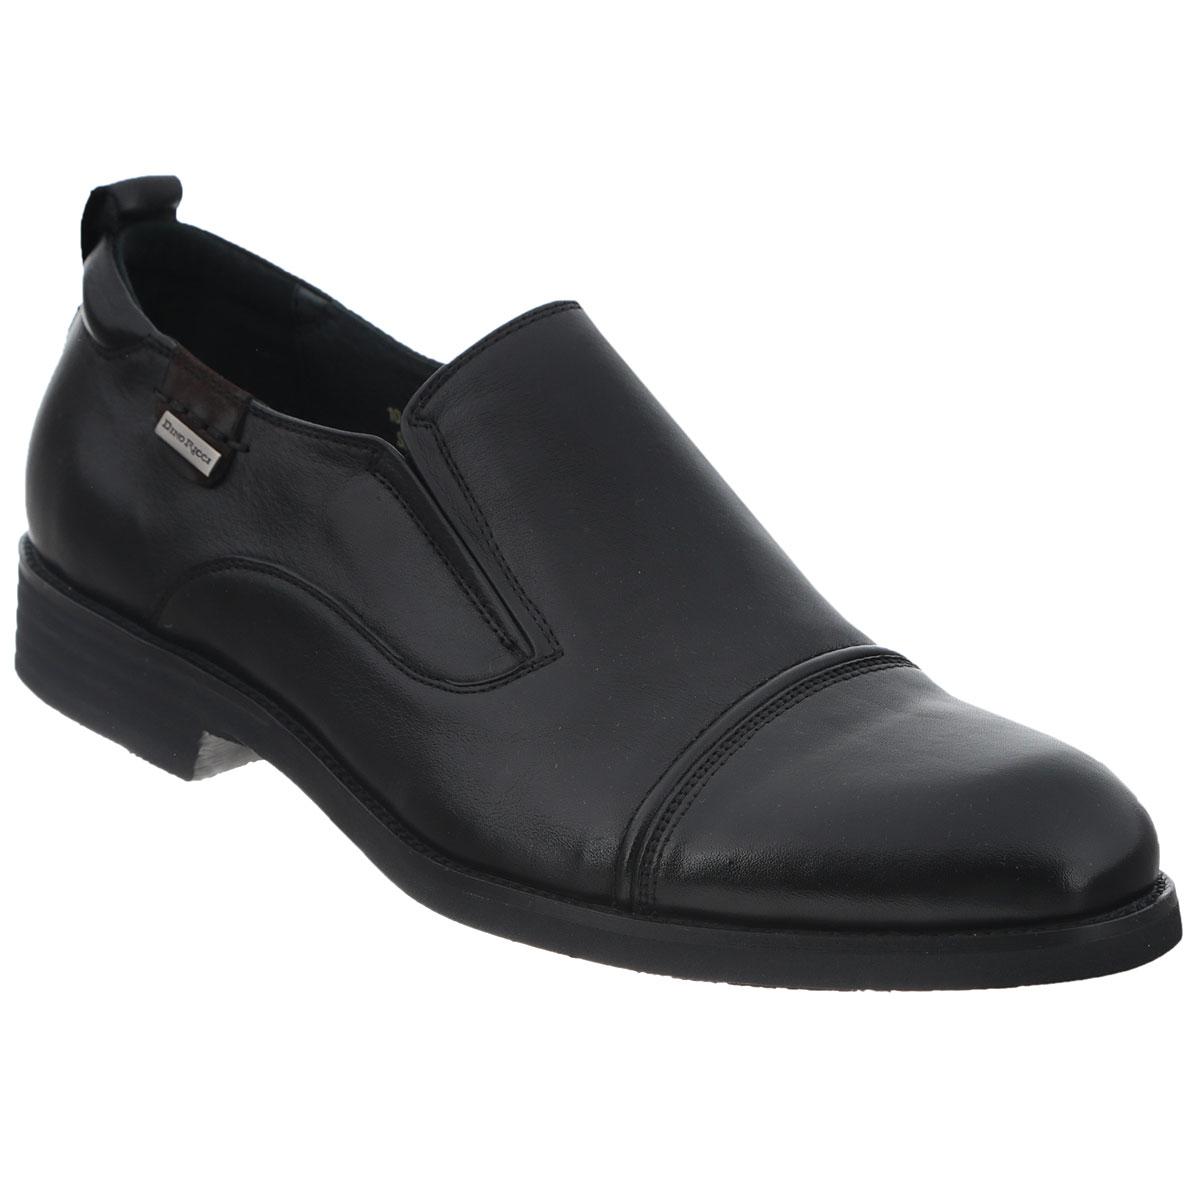 Туфли мужские. 104-165-17104-165-17Элегантные мужские туфли от Dino Ricci займут достойное место среди вашей коллекции обуви. Модель выполнена из натуральной высококачественной кожи и оформлена декоративной прострочкой и задним наружным ремнем. Сбоку изделие декорировано металлической пластиной с гравировкой в виде названия бренда. Резинки, расположенные на подъеме, гарантируют оптимальную посадку модели на ноге. Стелька из натуральной кожи оснащена перфорацией, позволяющей вашим ногам дышать. Каблук и подошва с рифлением обеспечивают отличное сцепление с поверхностью. Изысканные туфли станут прекрасным завершением вашего модного образа.